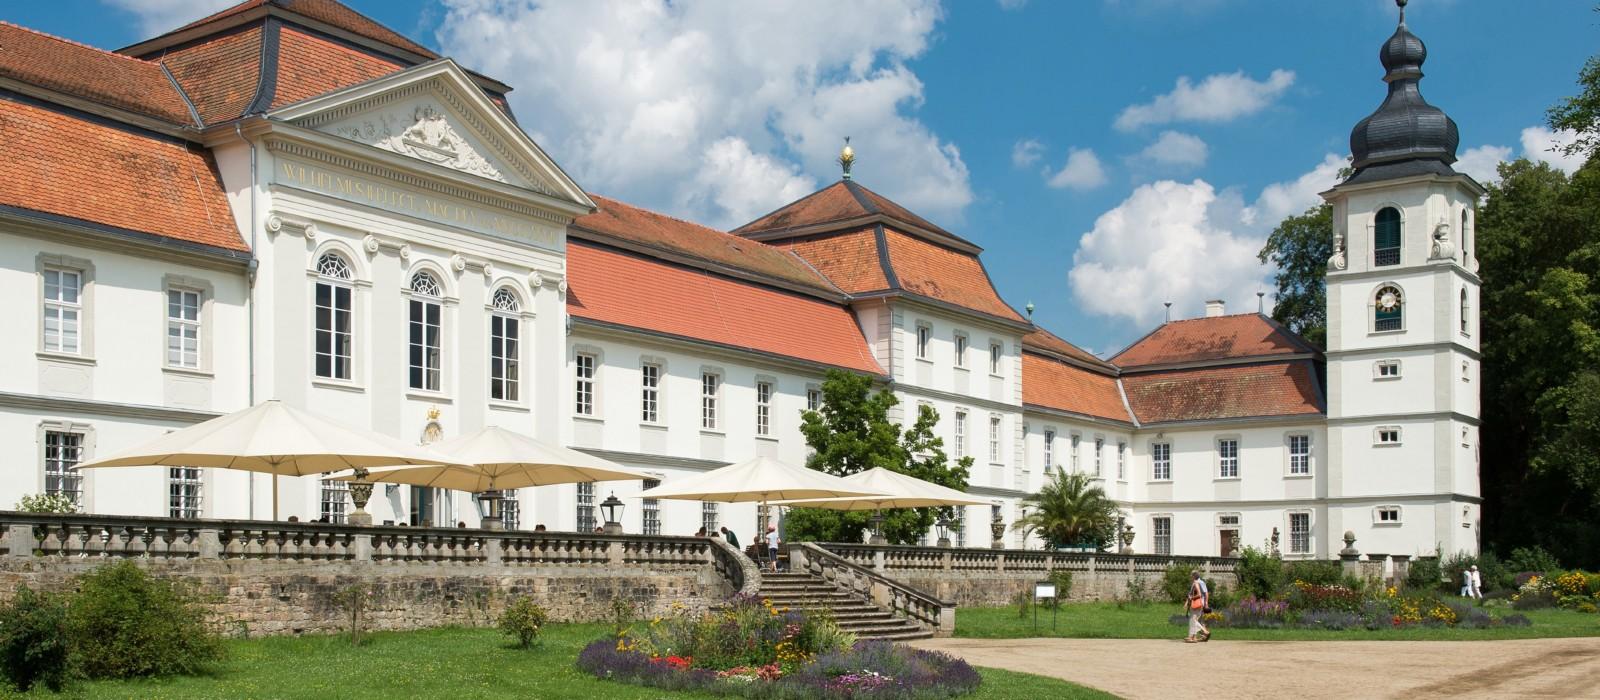 Außenansicht des Schloss Fasanerie